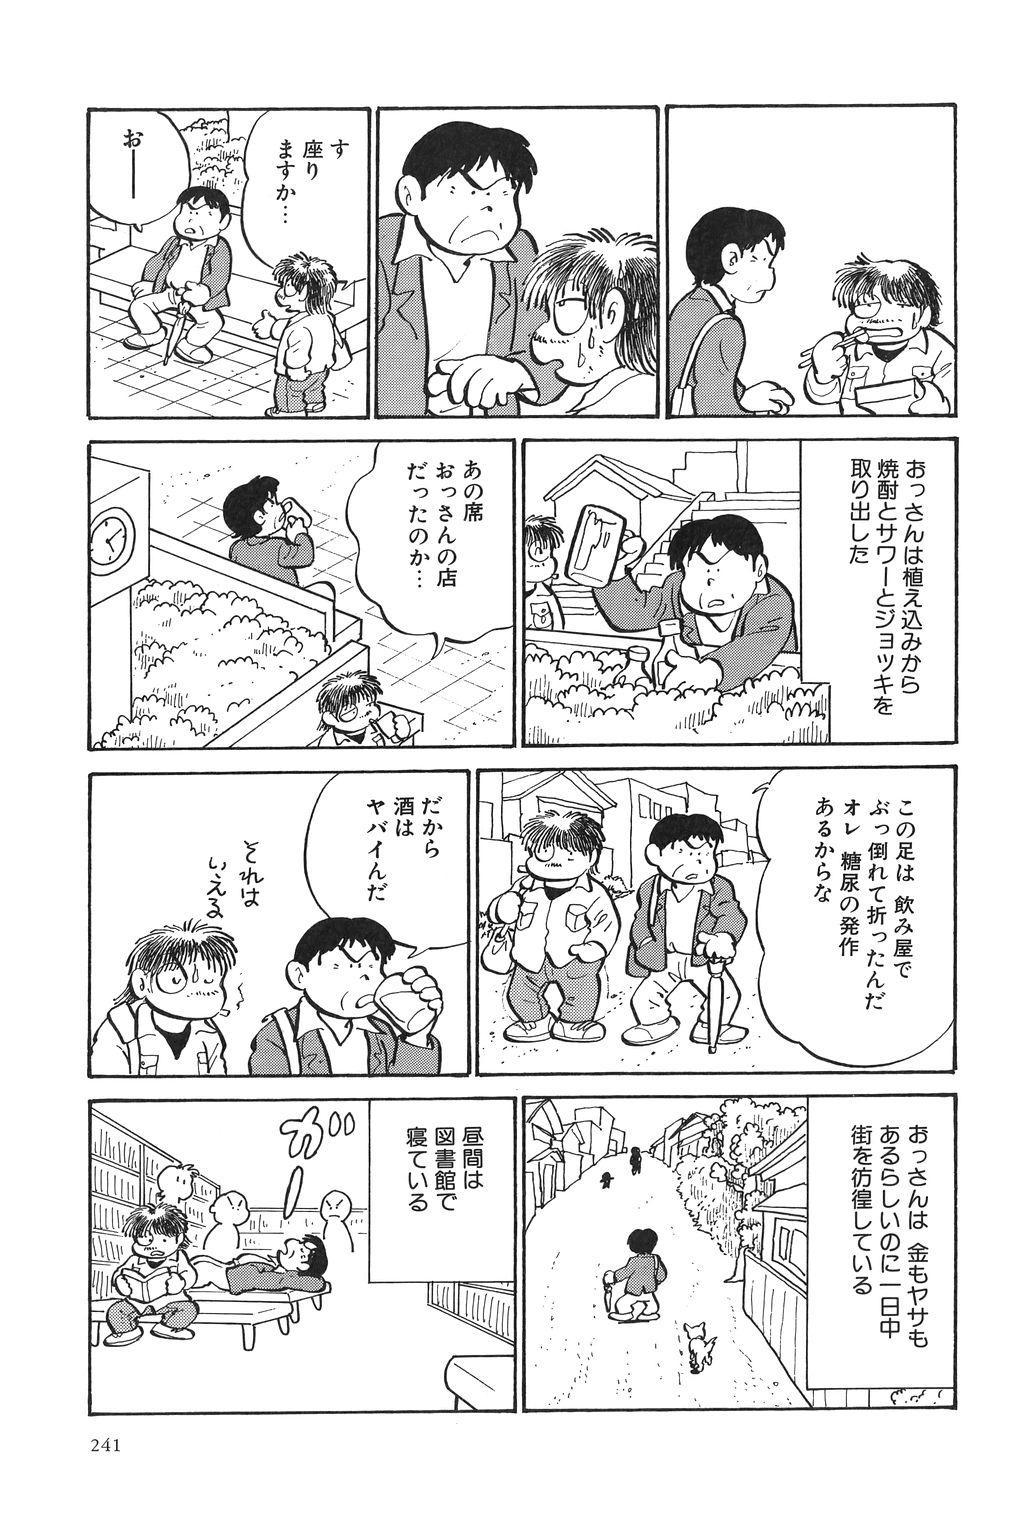 Azuma Hideo Sakuhin Shuusei - Yoru no Tobari no Naka de 243